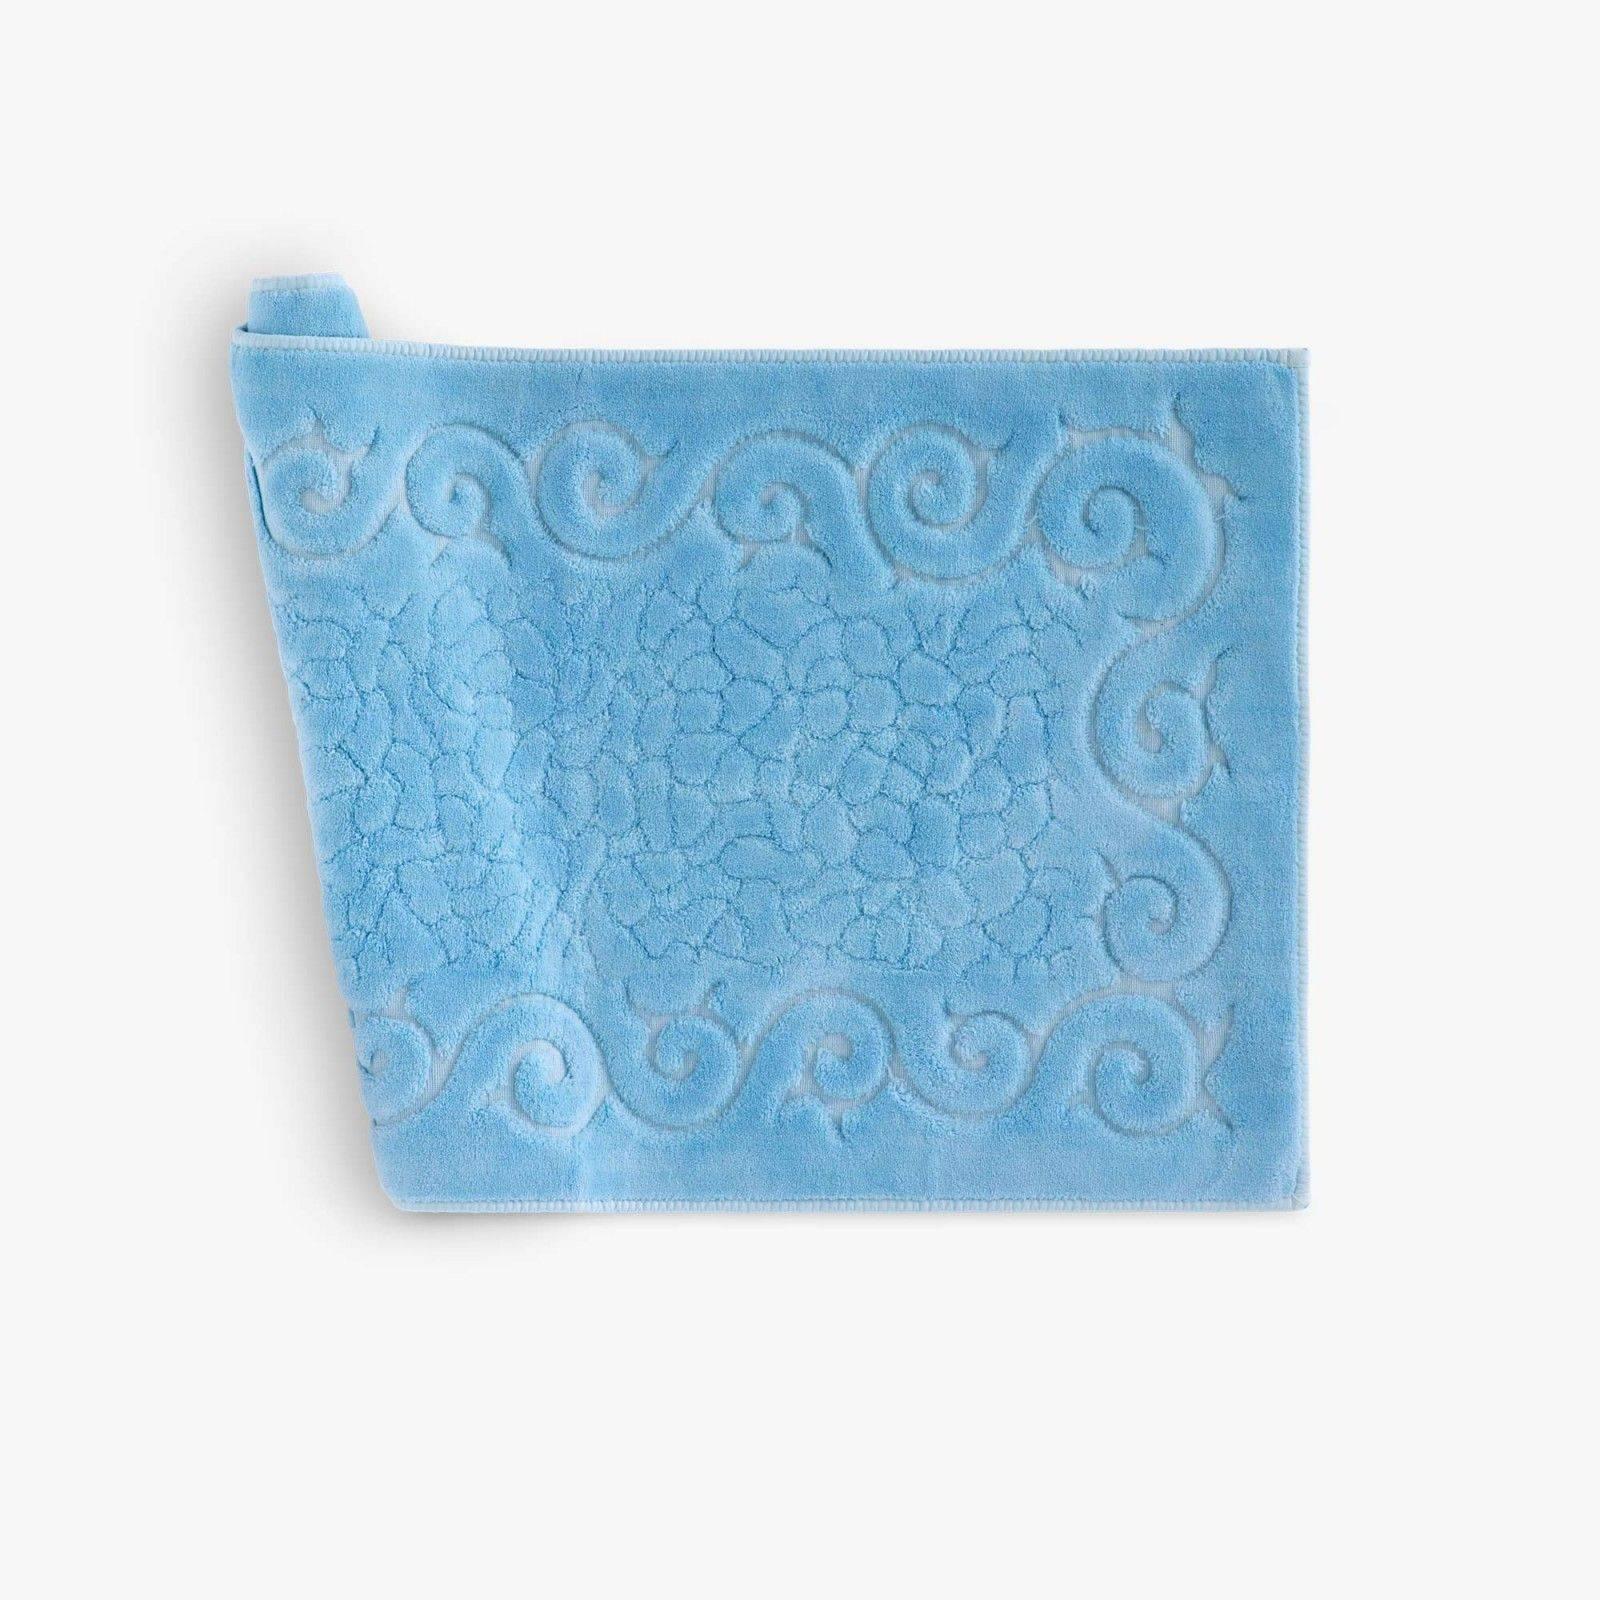 Arredo Bagno Colore Azzurro.Tappeto Bagno Regal Misura Cm 40x60 Colore Azzurro